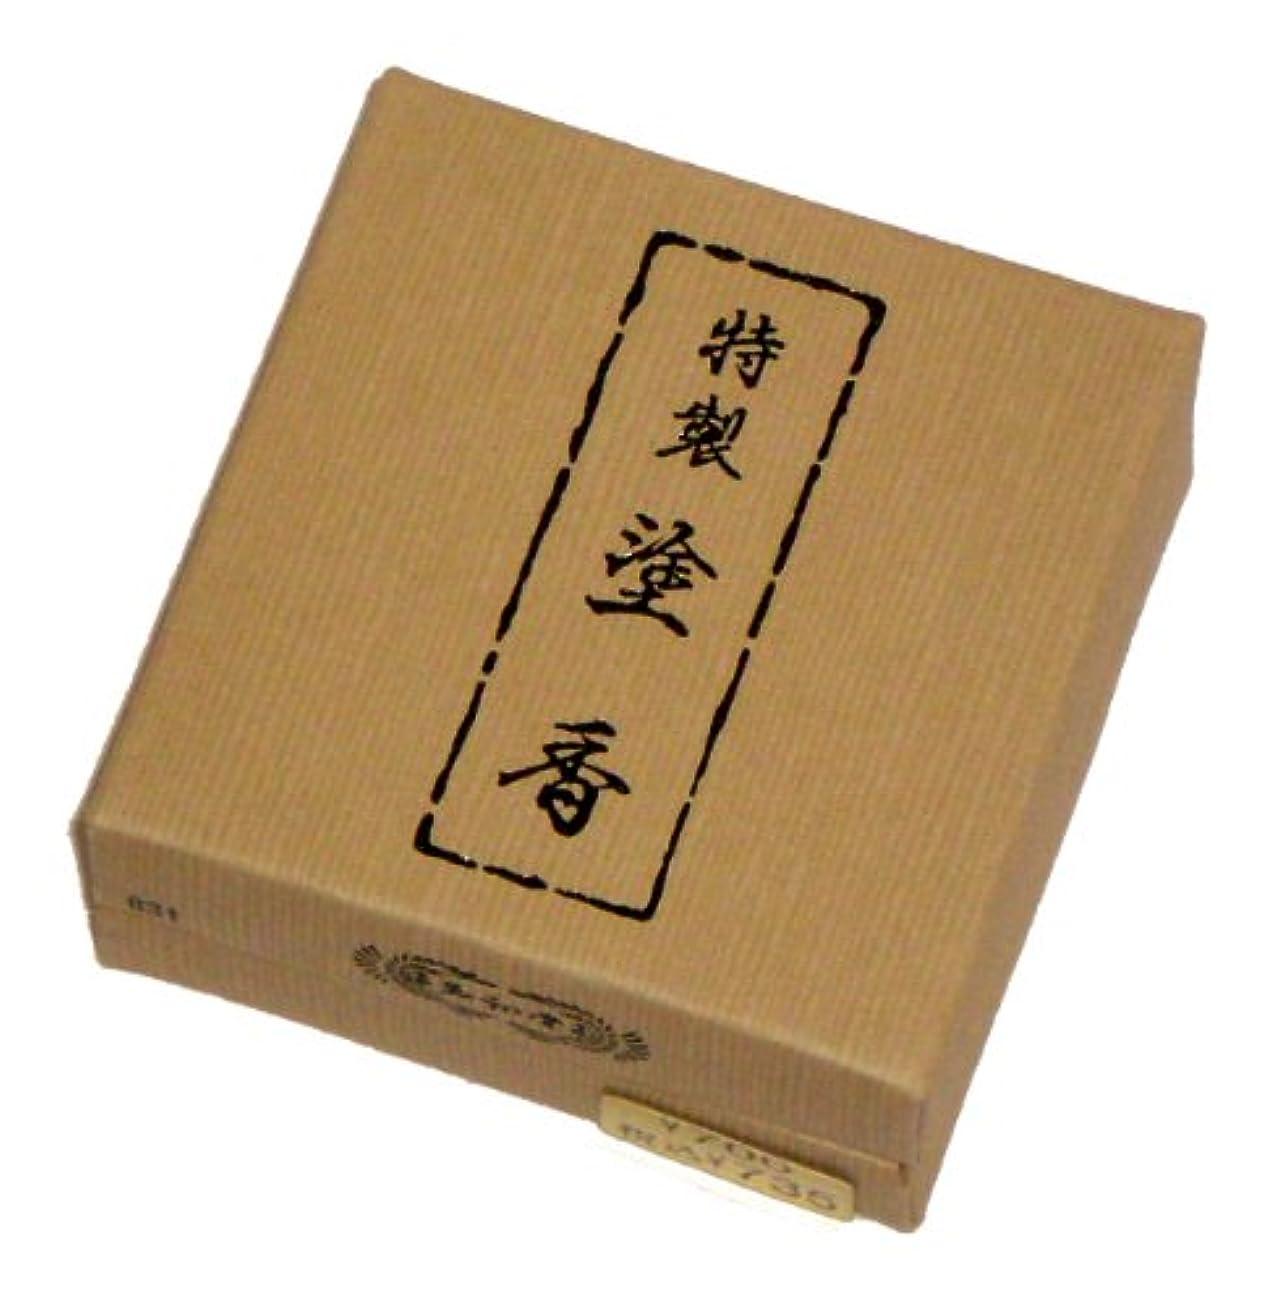 実験切り離す野望玉初堂のお香 特製塗香 15g 紙箱 #831